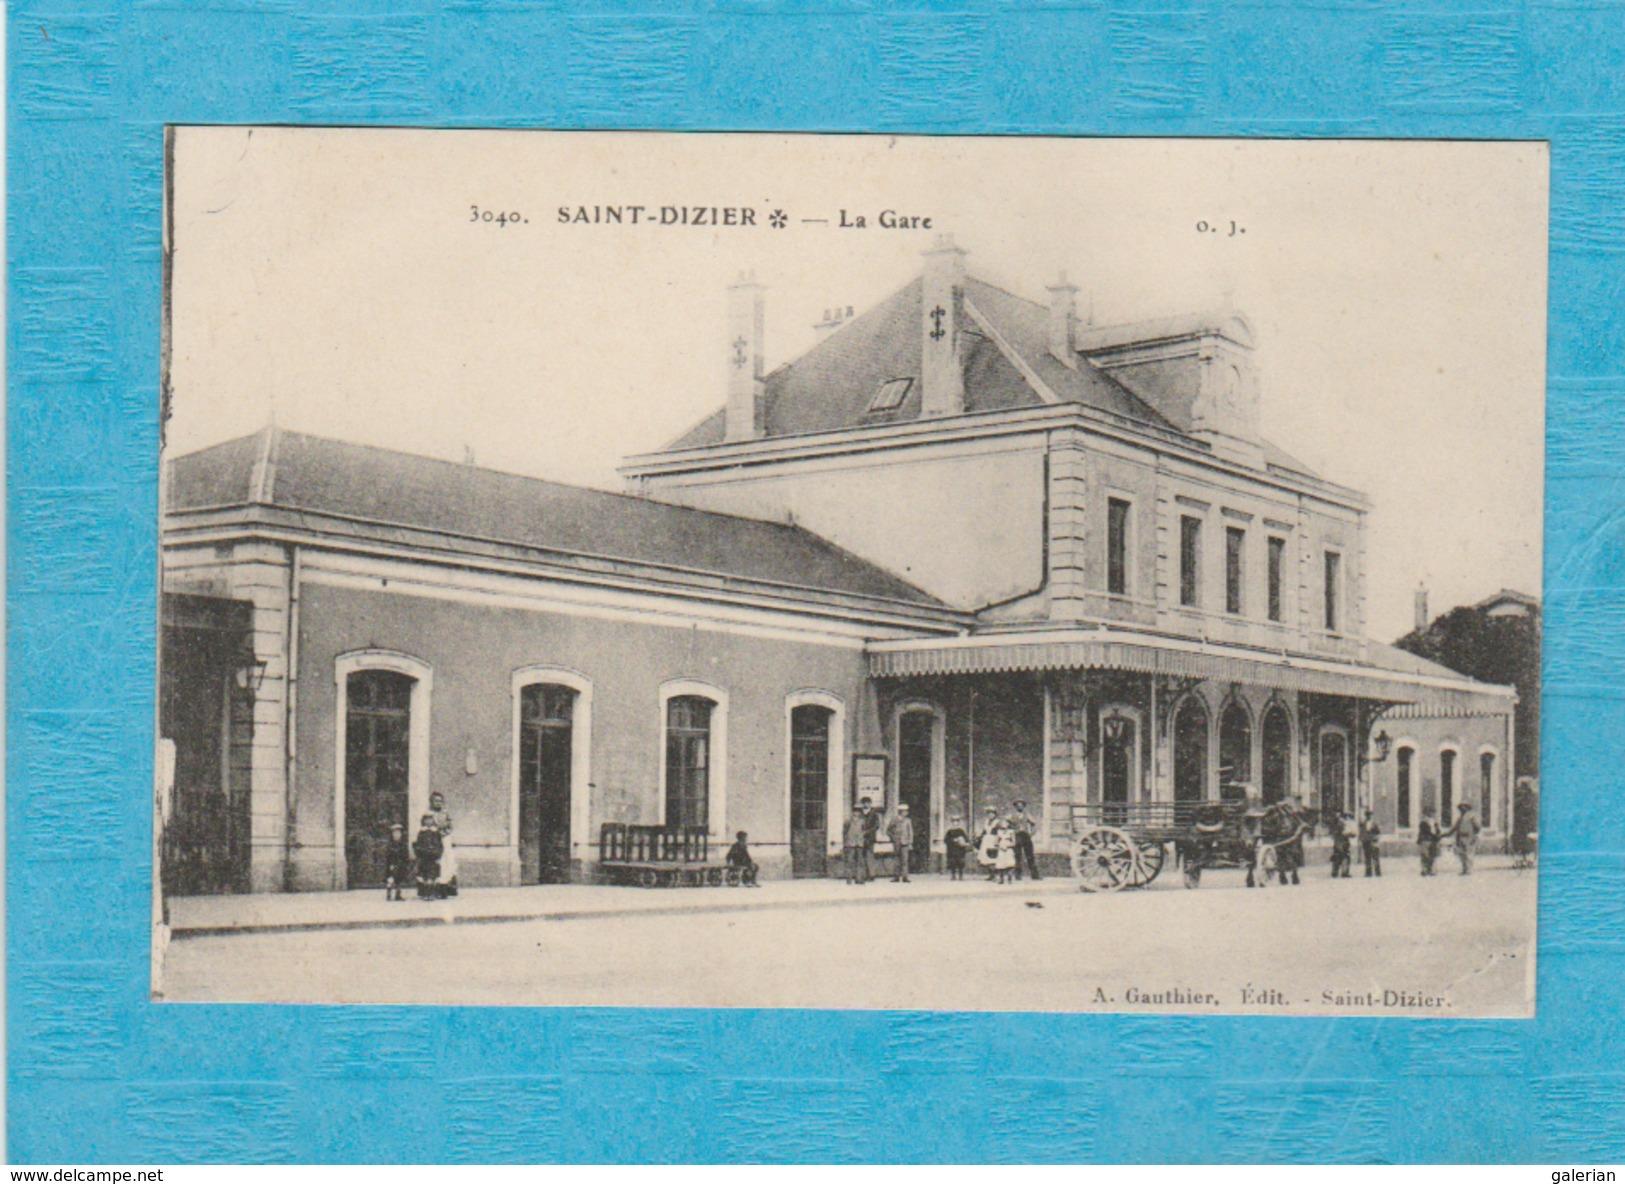 Saint-Dizier. - La Gare. - Attelage. - Saint Dizier